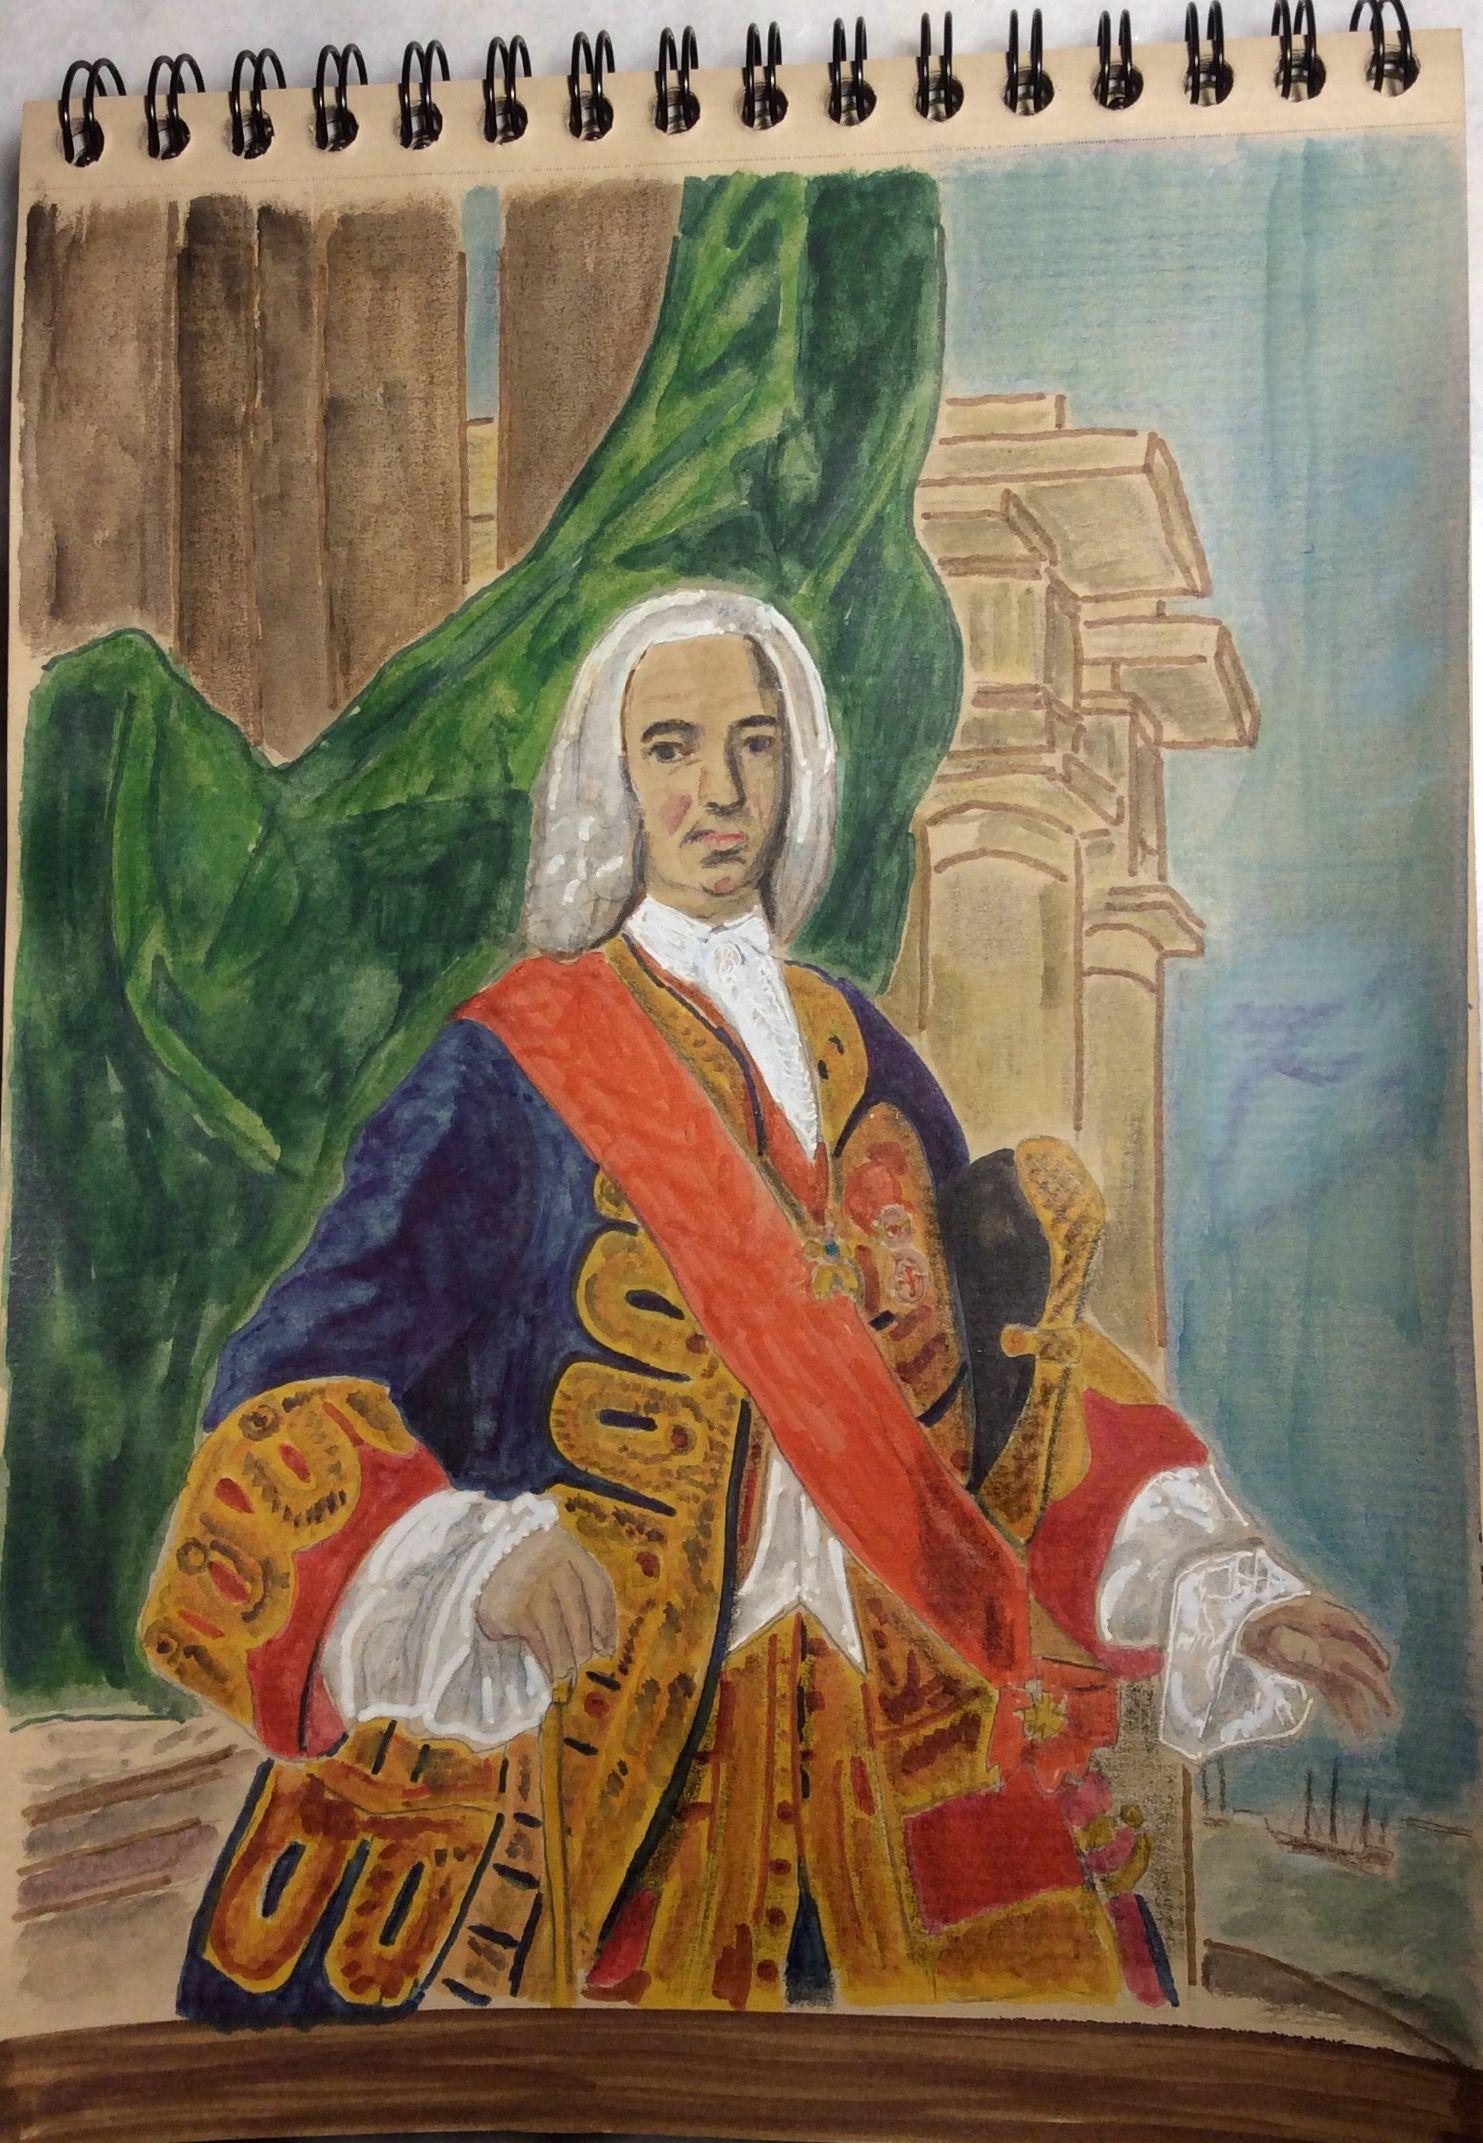 Marqués de la Ensenada.